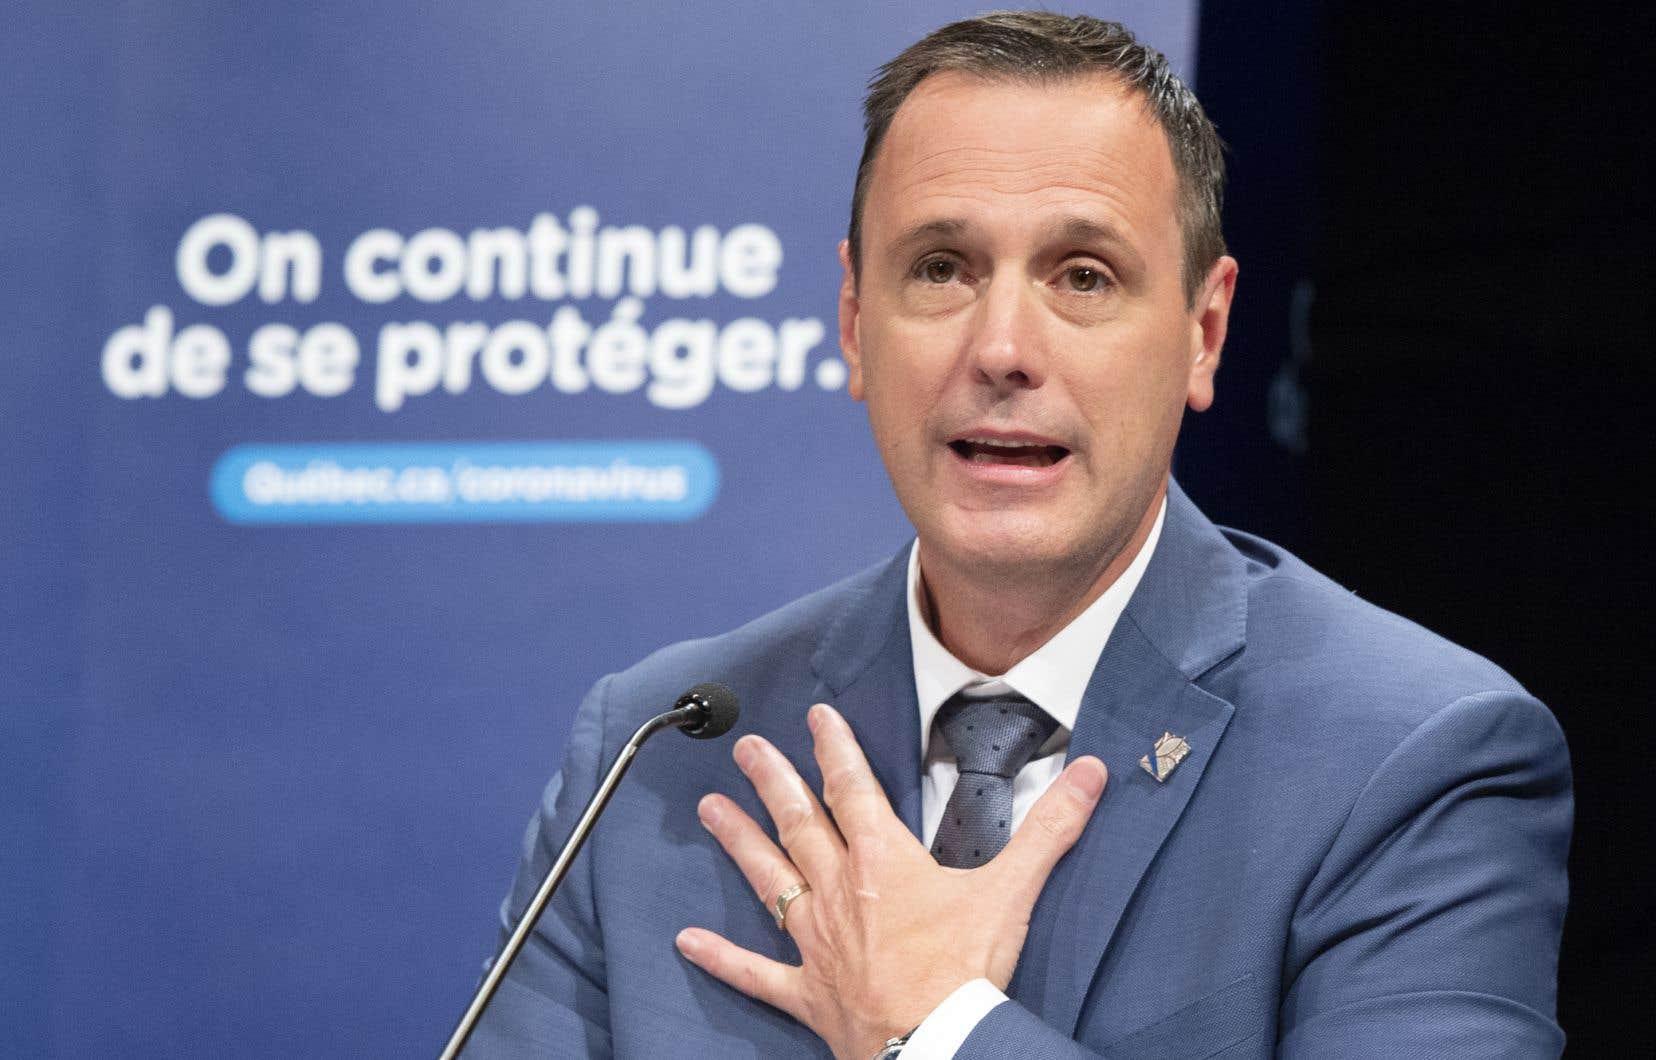 Le ministre de l'Éducation, Jean-François Roberge, a présenté lundi les lignes directrices de son plan en vue de l'année scolaire qui s'amorcera à la fin du mois d'août.